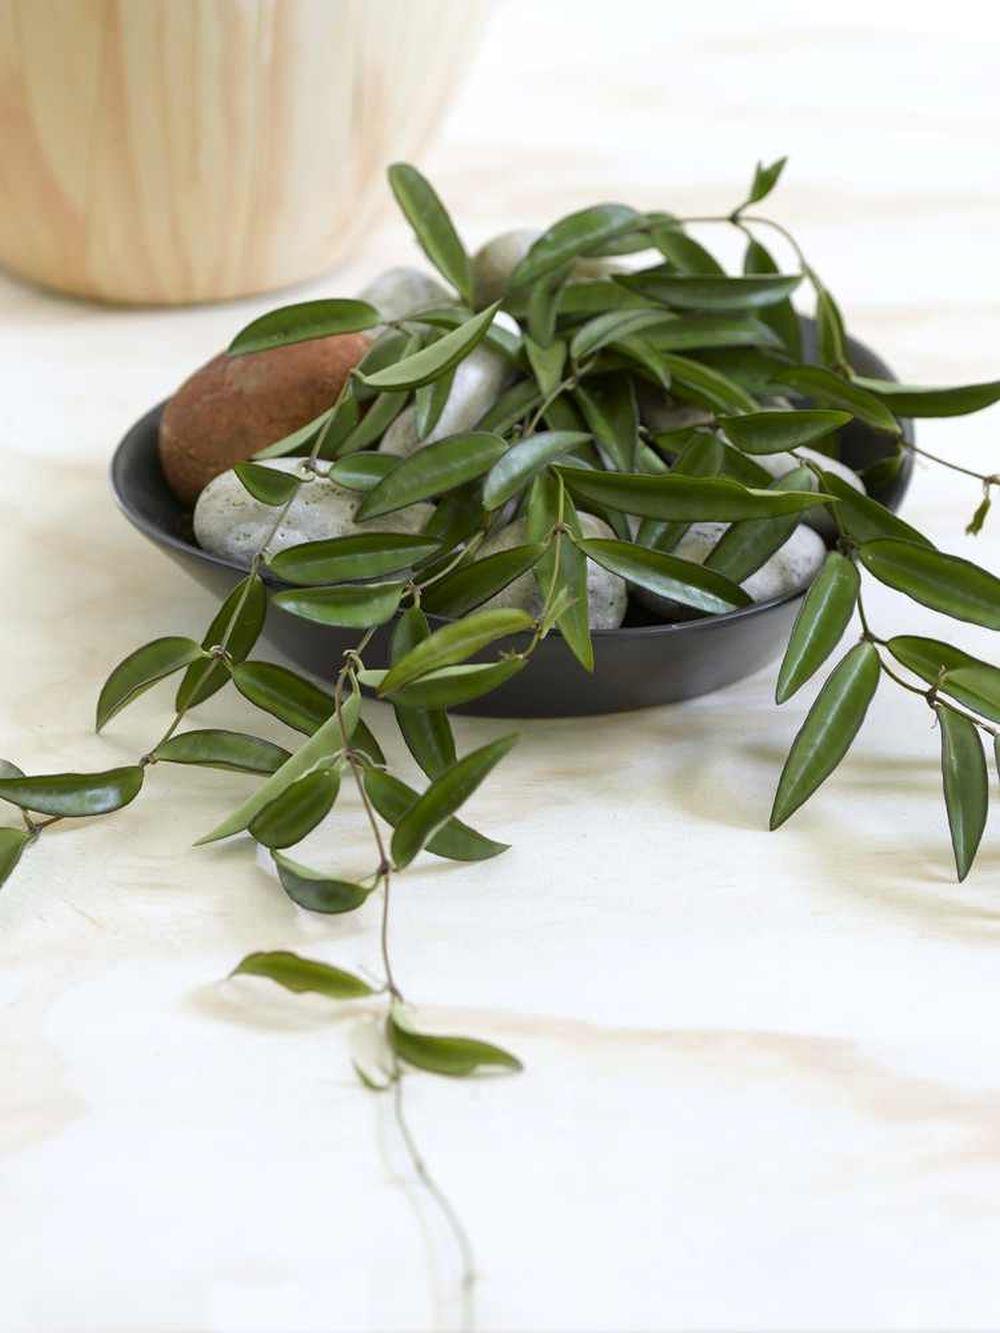 Hoya wayettii fără flori